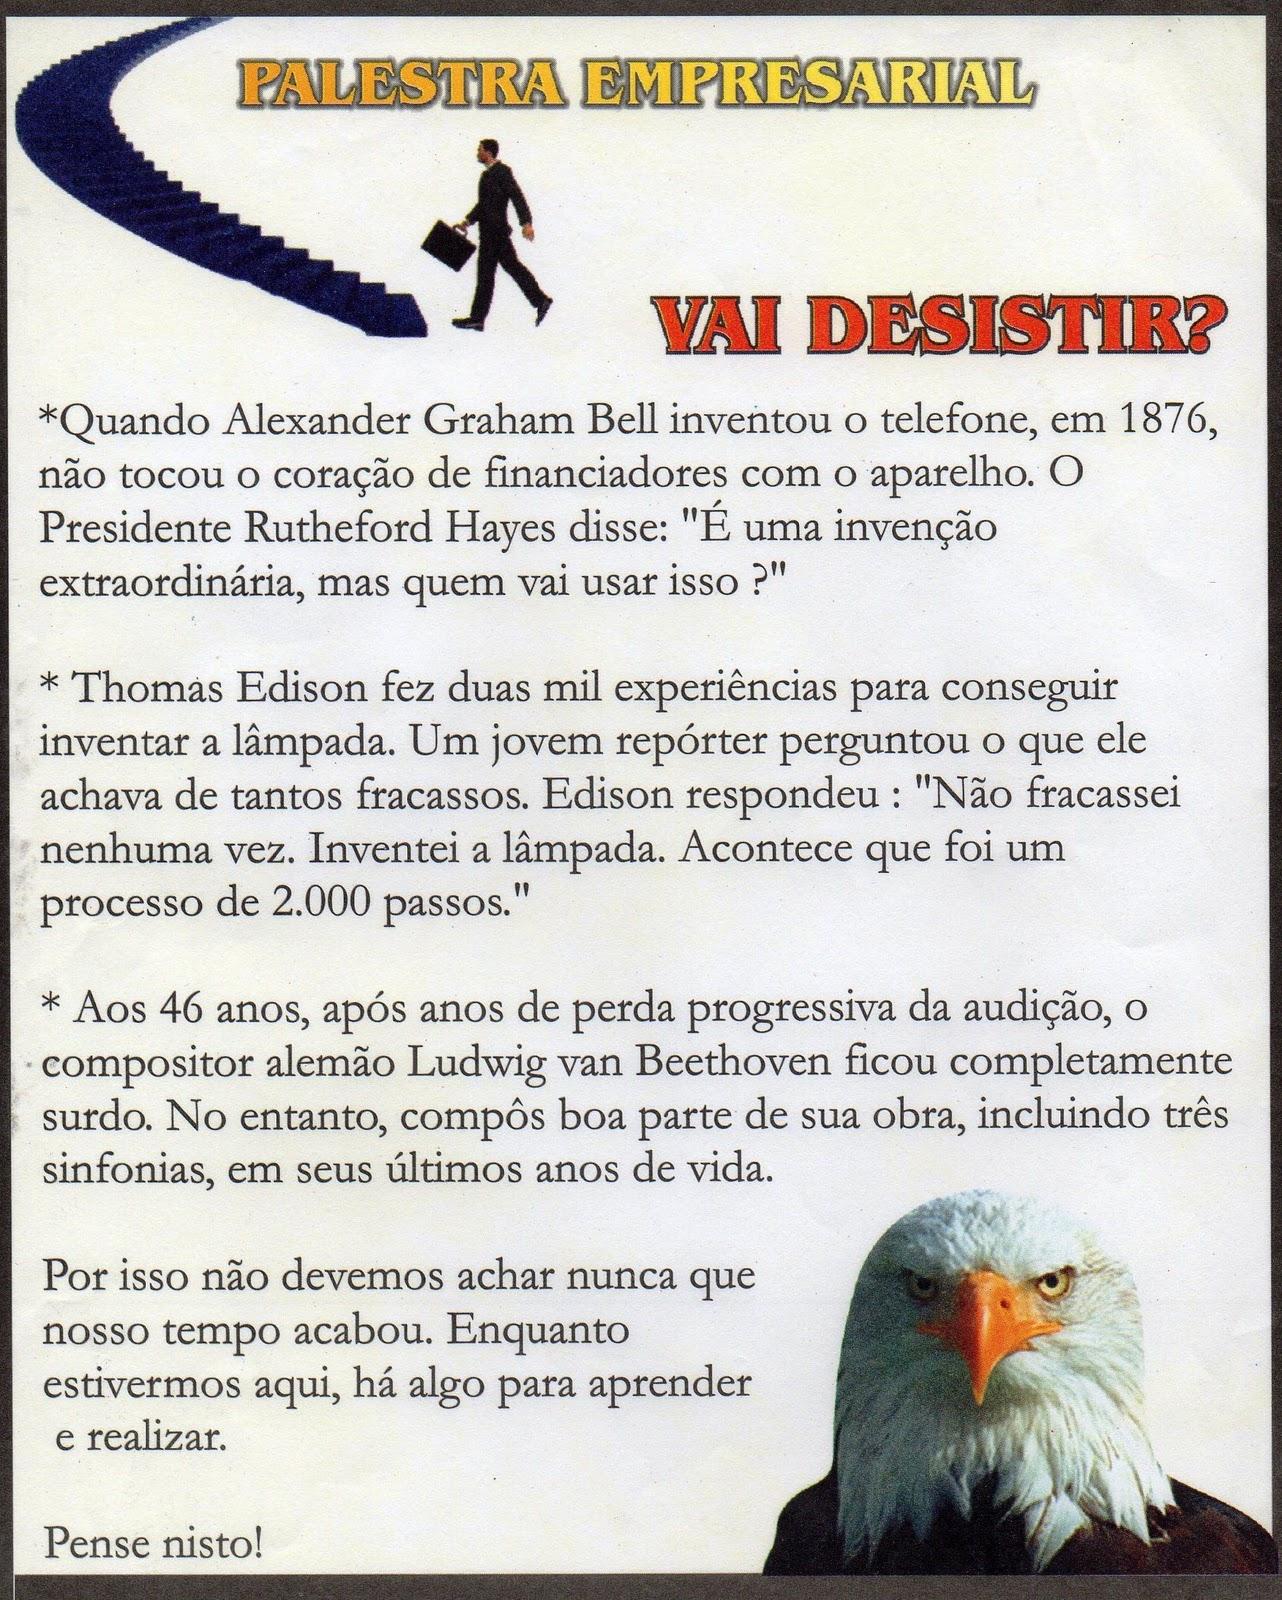 Segunda Feira - Magazine cover